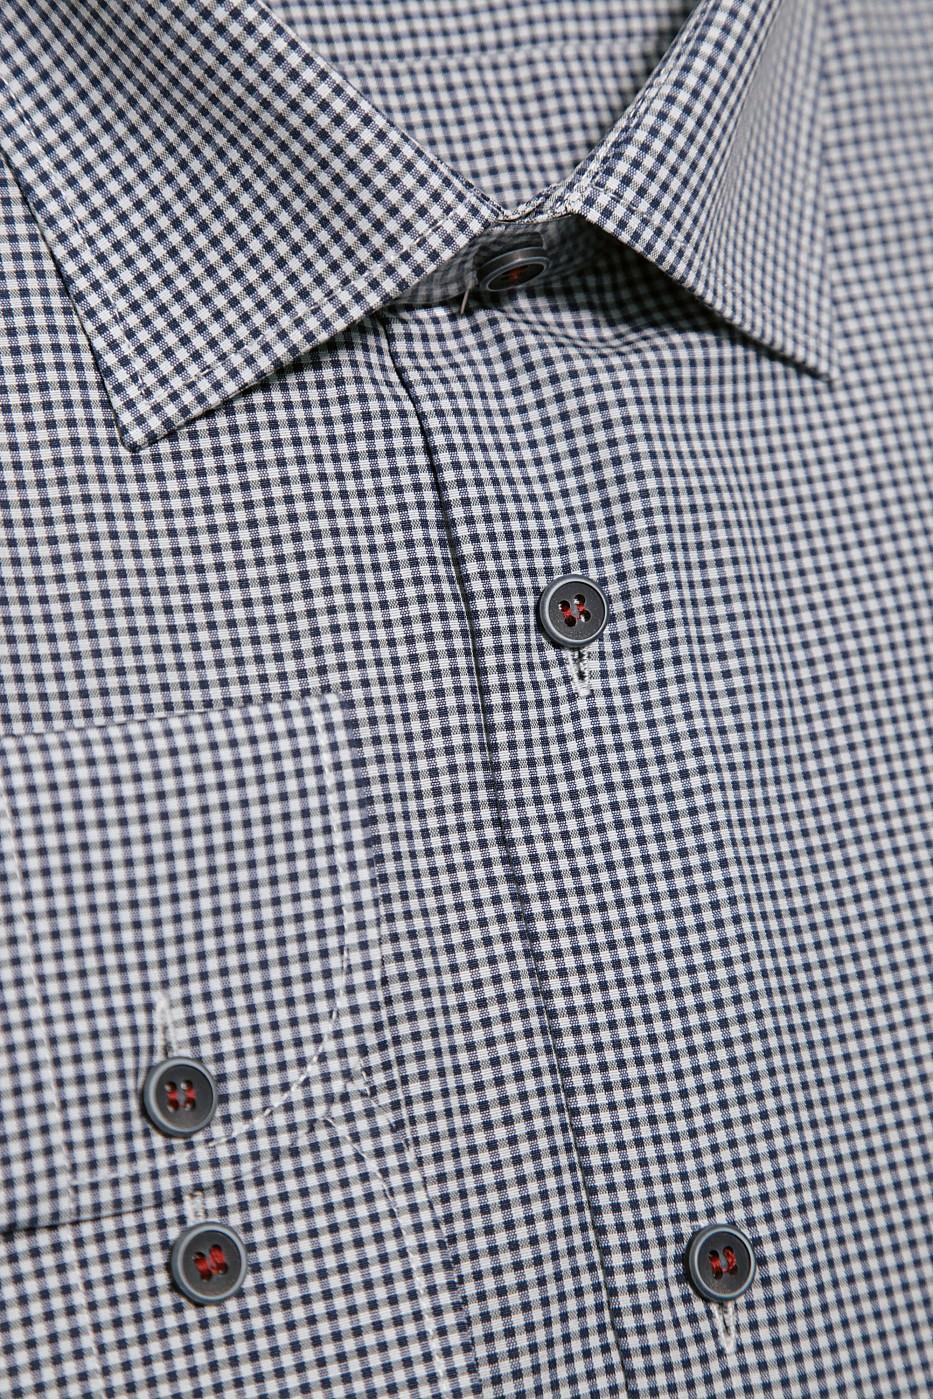 Сорочка мужская 276 (53-08)